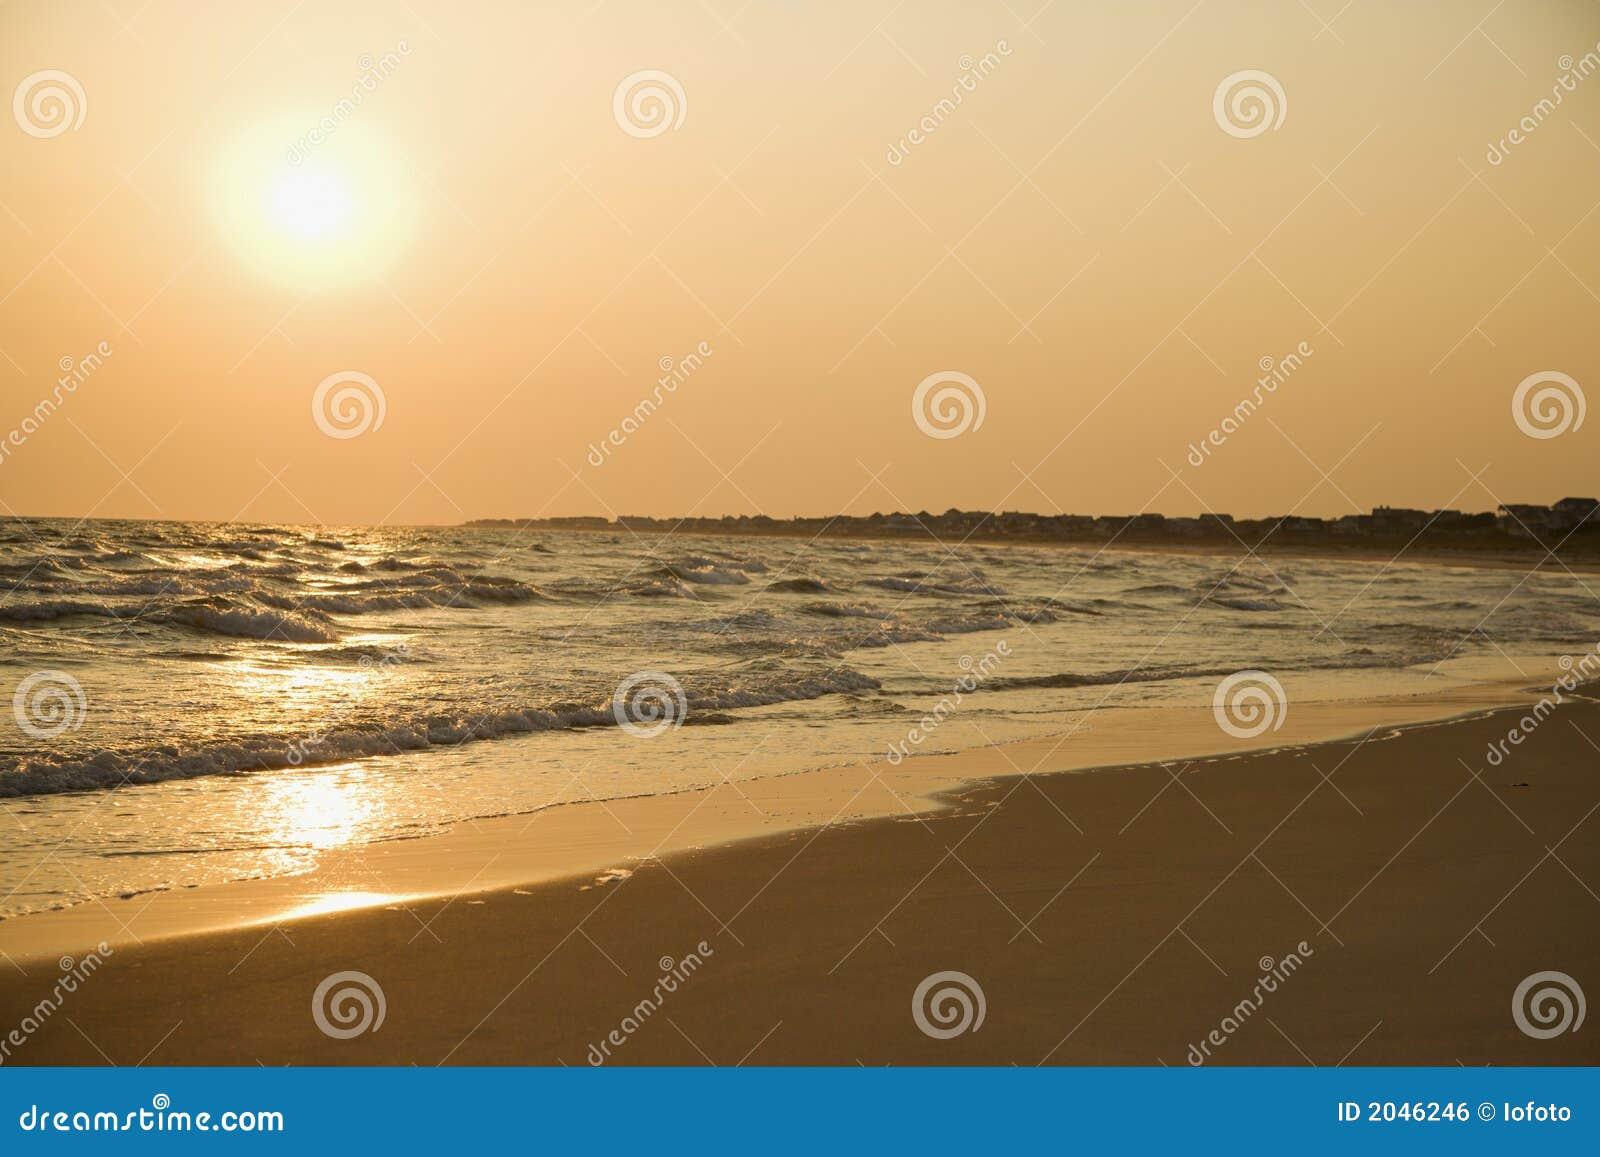 De zonsondergang van het strand.